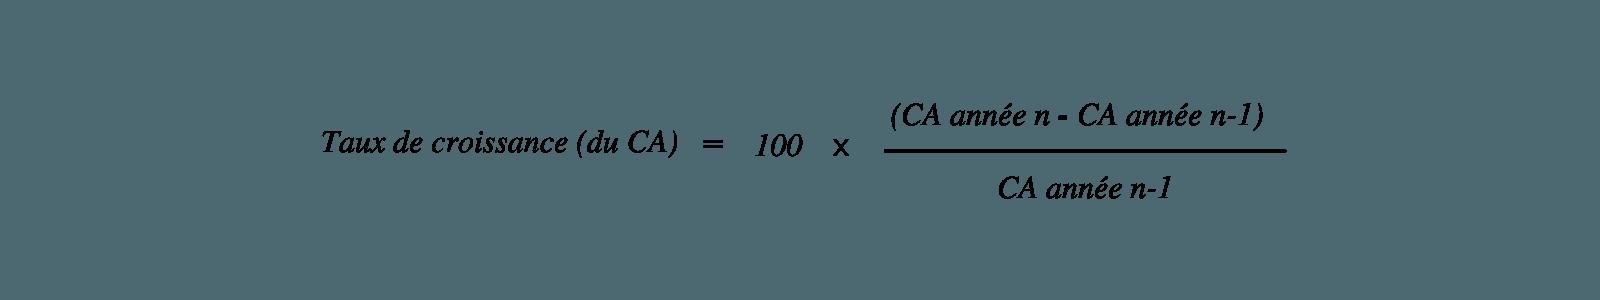 Calcul du taux de croissance dans le cadre de l'analyse financière de l'entreprise